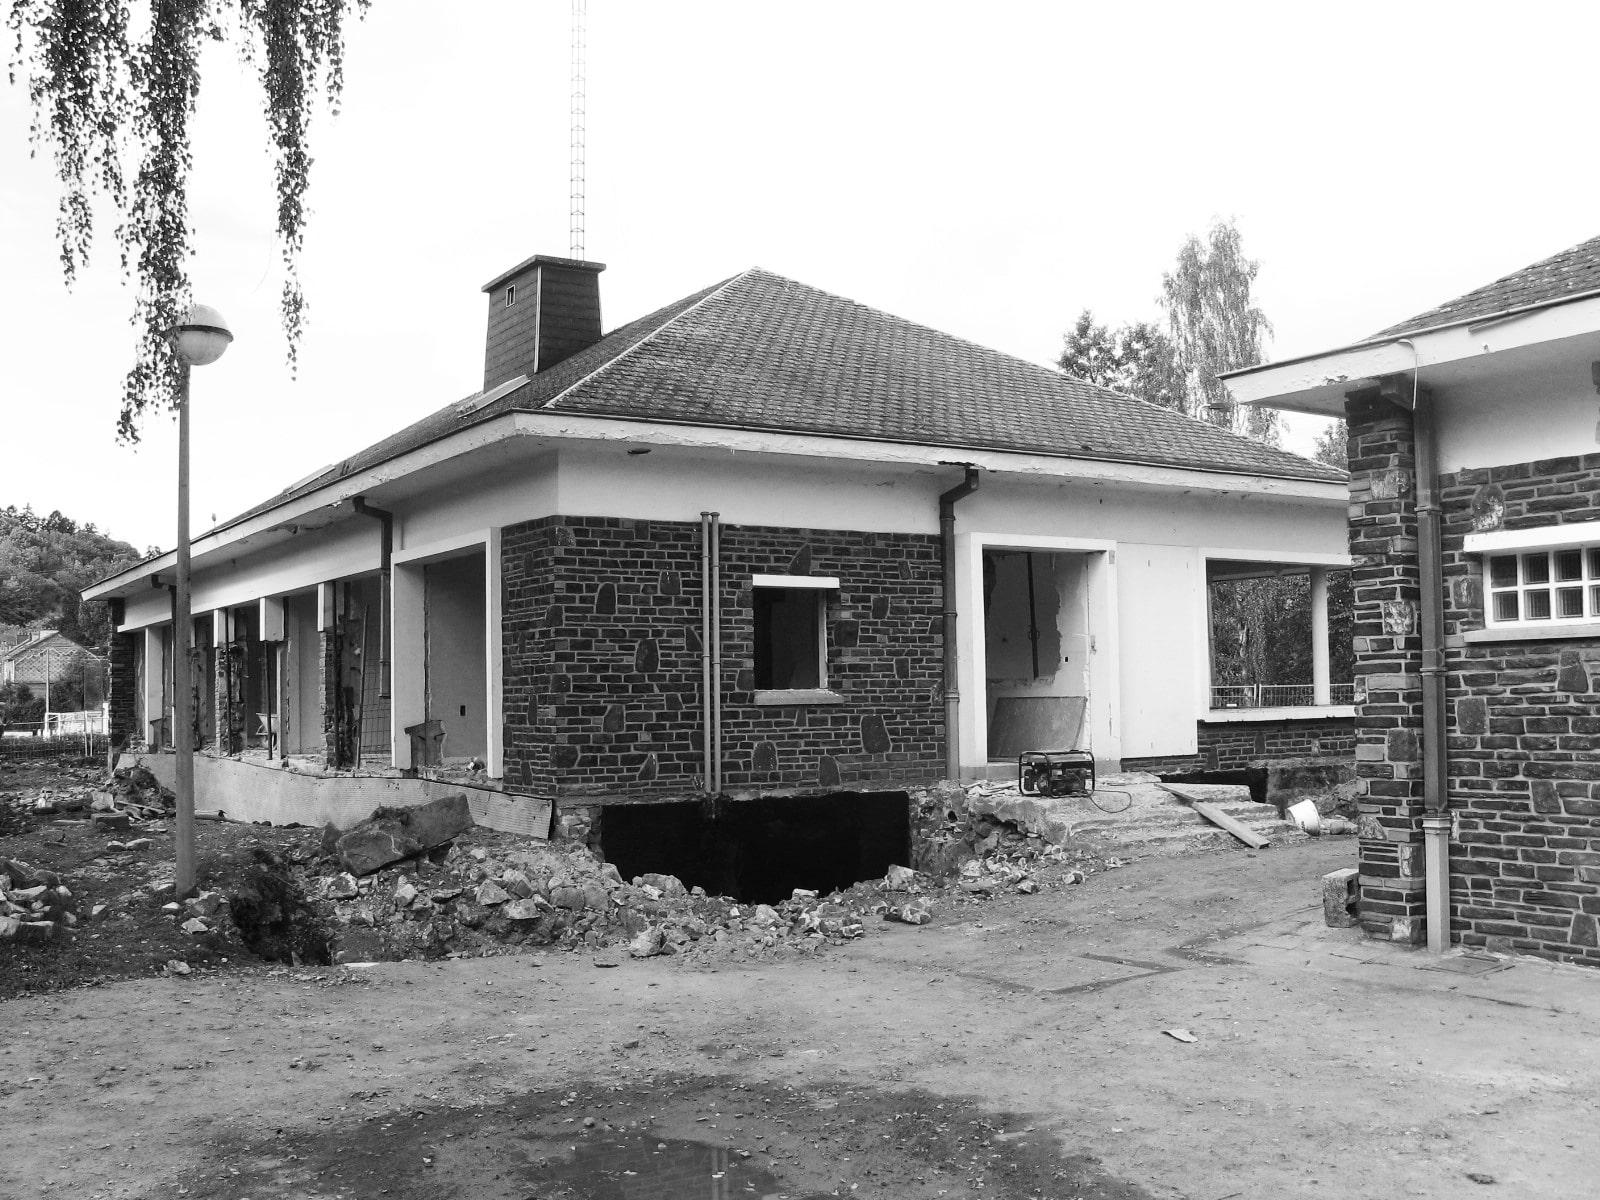 Crèche L, Limbourg